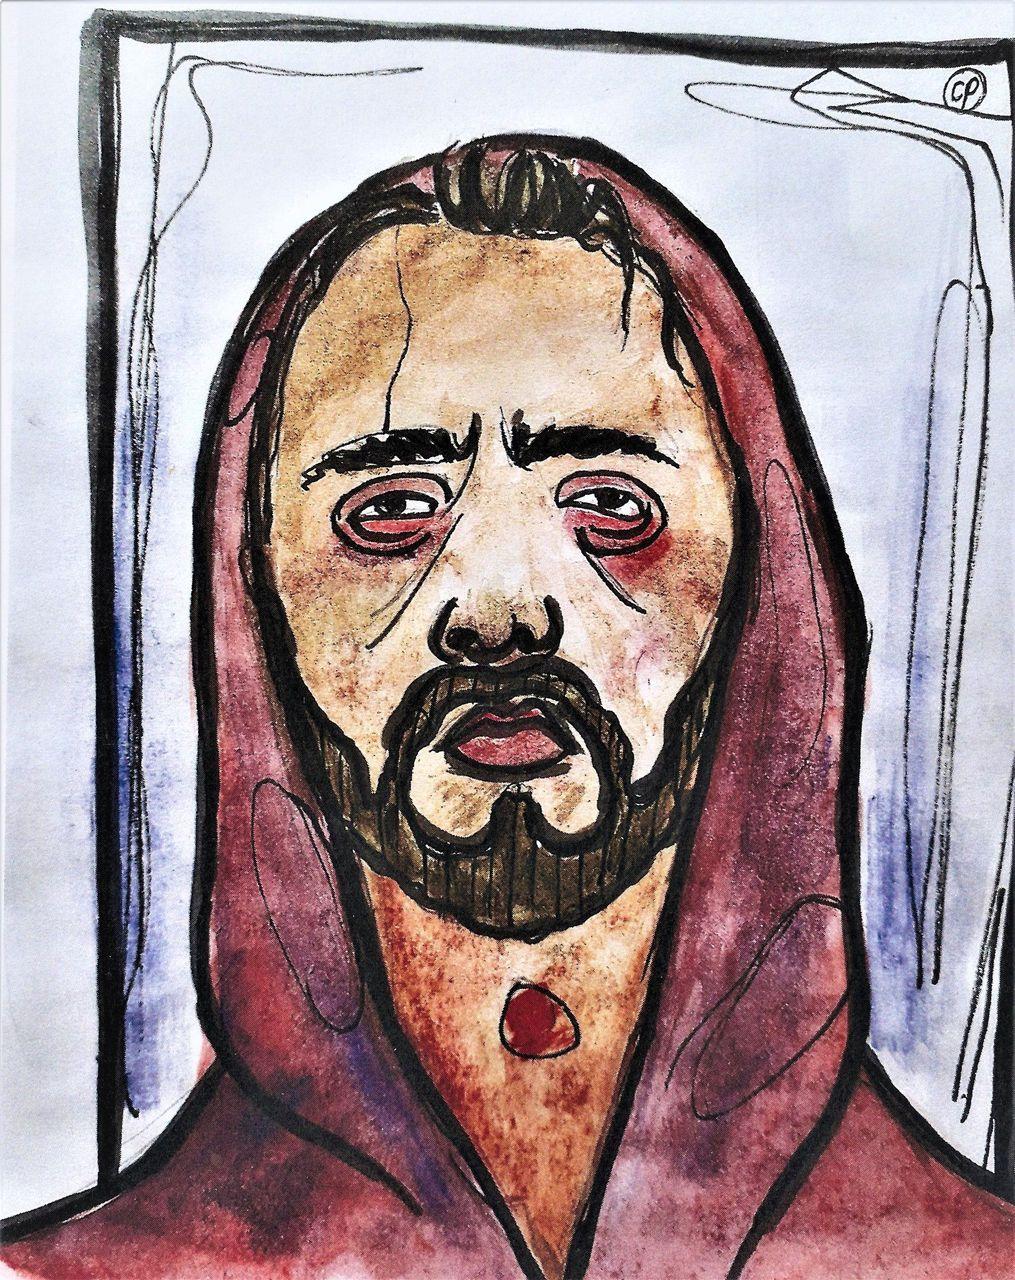 – Hannibal, Bu hansı Hannibaldır belə? Ən vəhşilərdən olan, №027 Qatilin düşməni olan Hannibal?